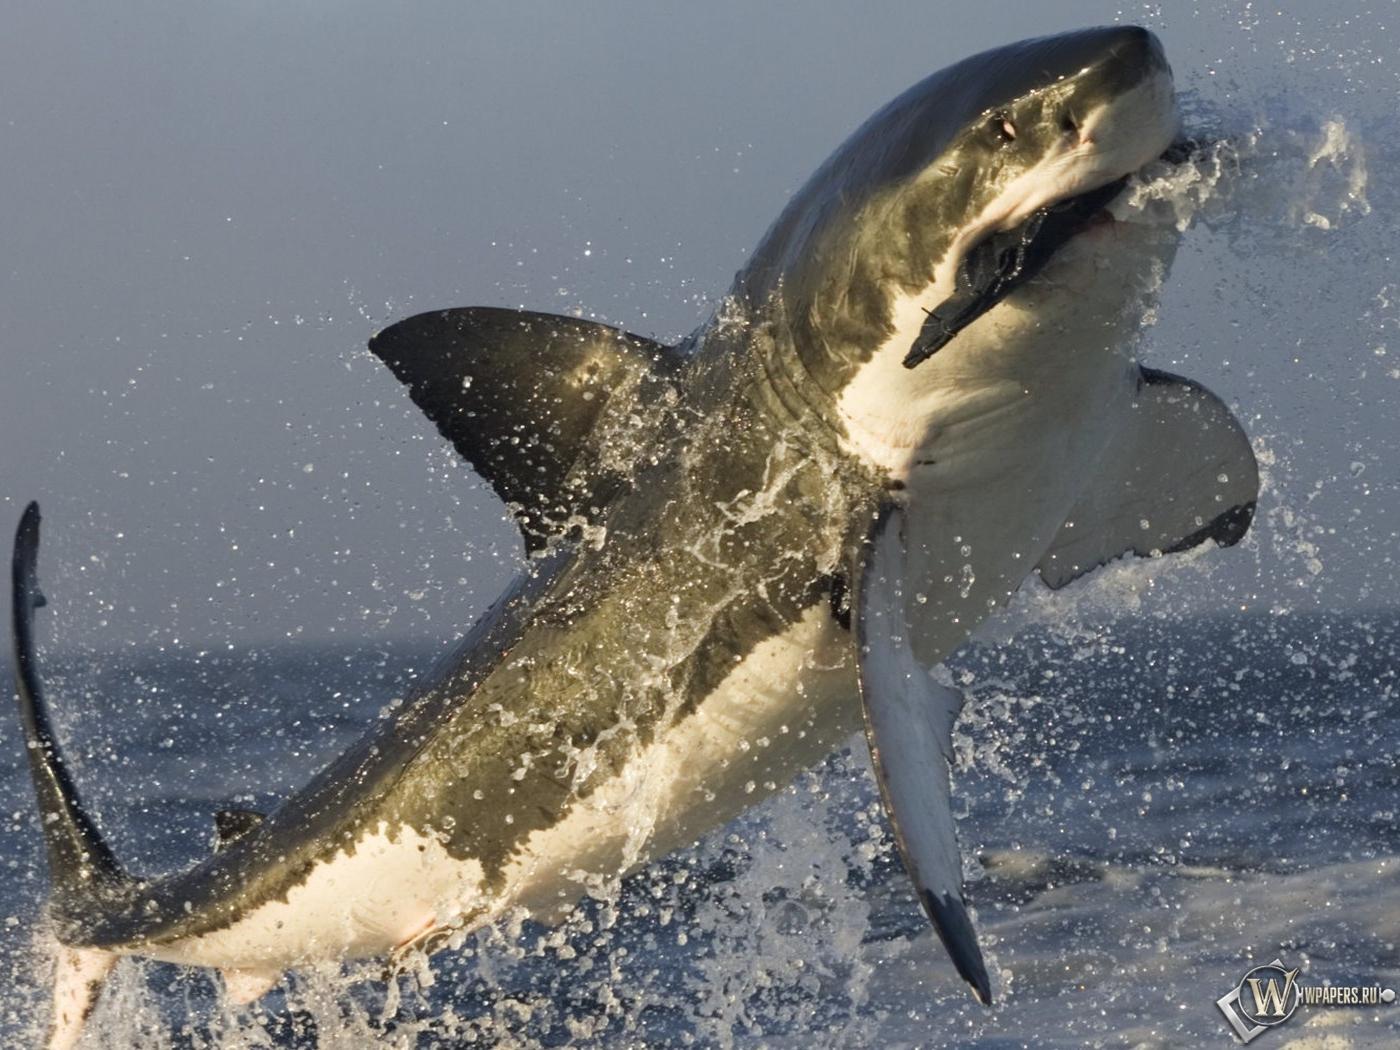 Акула в прыжке 1400x1050